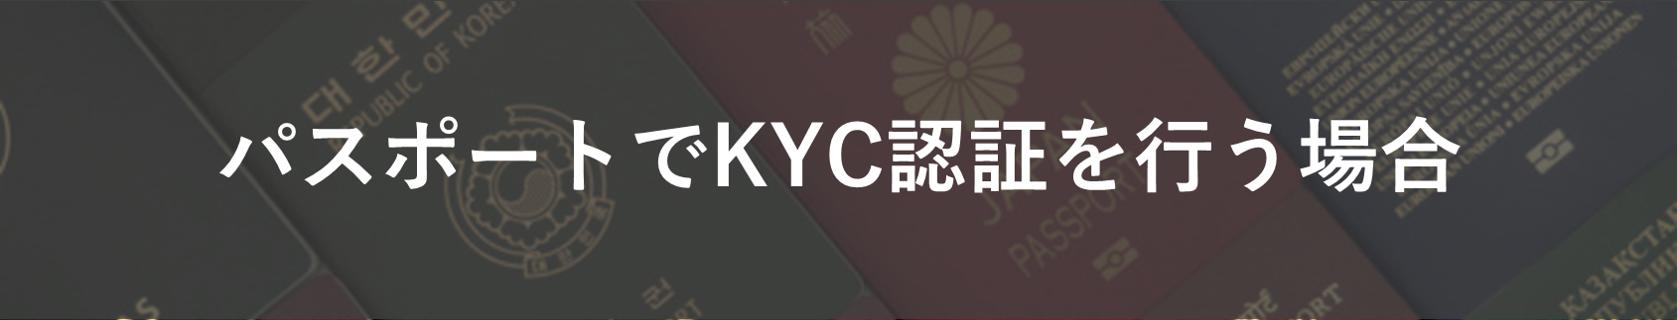 パスポートでKYC認証を行う場合